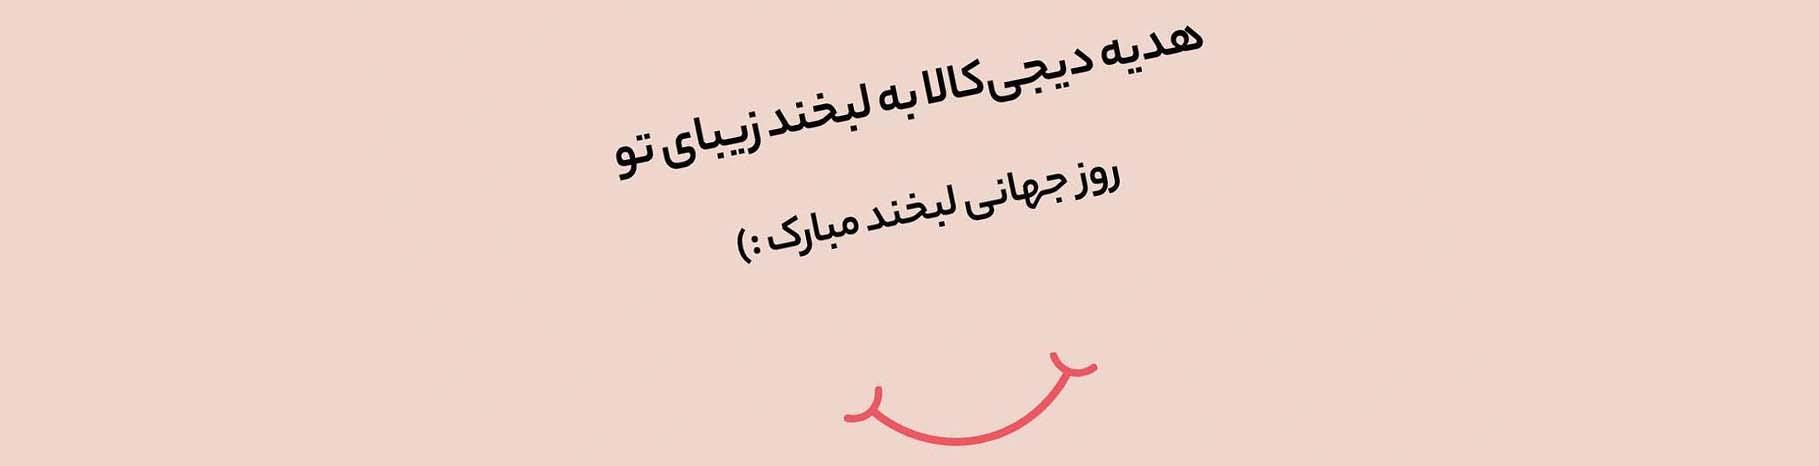 ایده جالب دیجی کالا به مناسبت روز جهانی لبخند [+ عکس یک لبخند زیبا ]